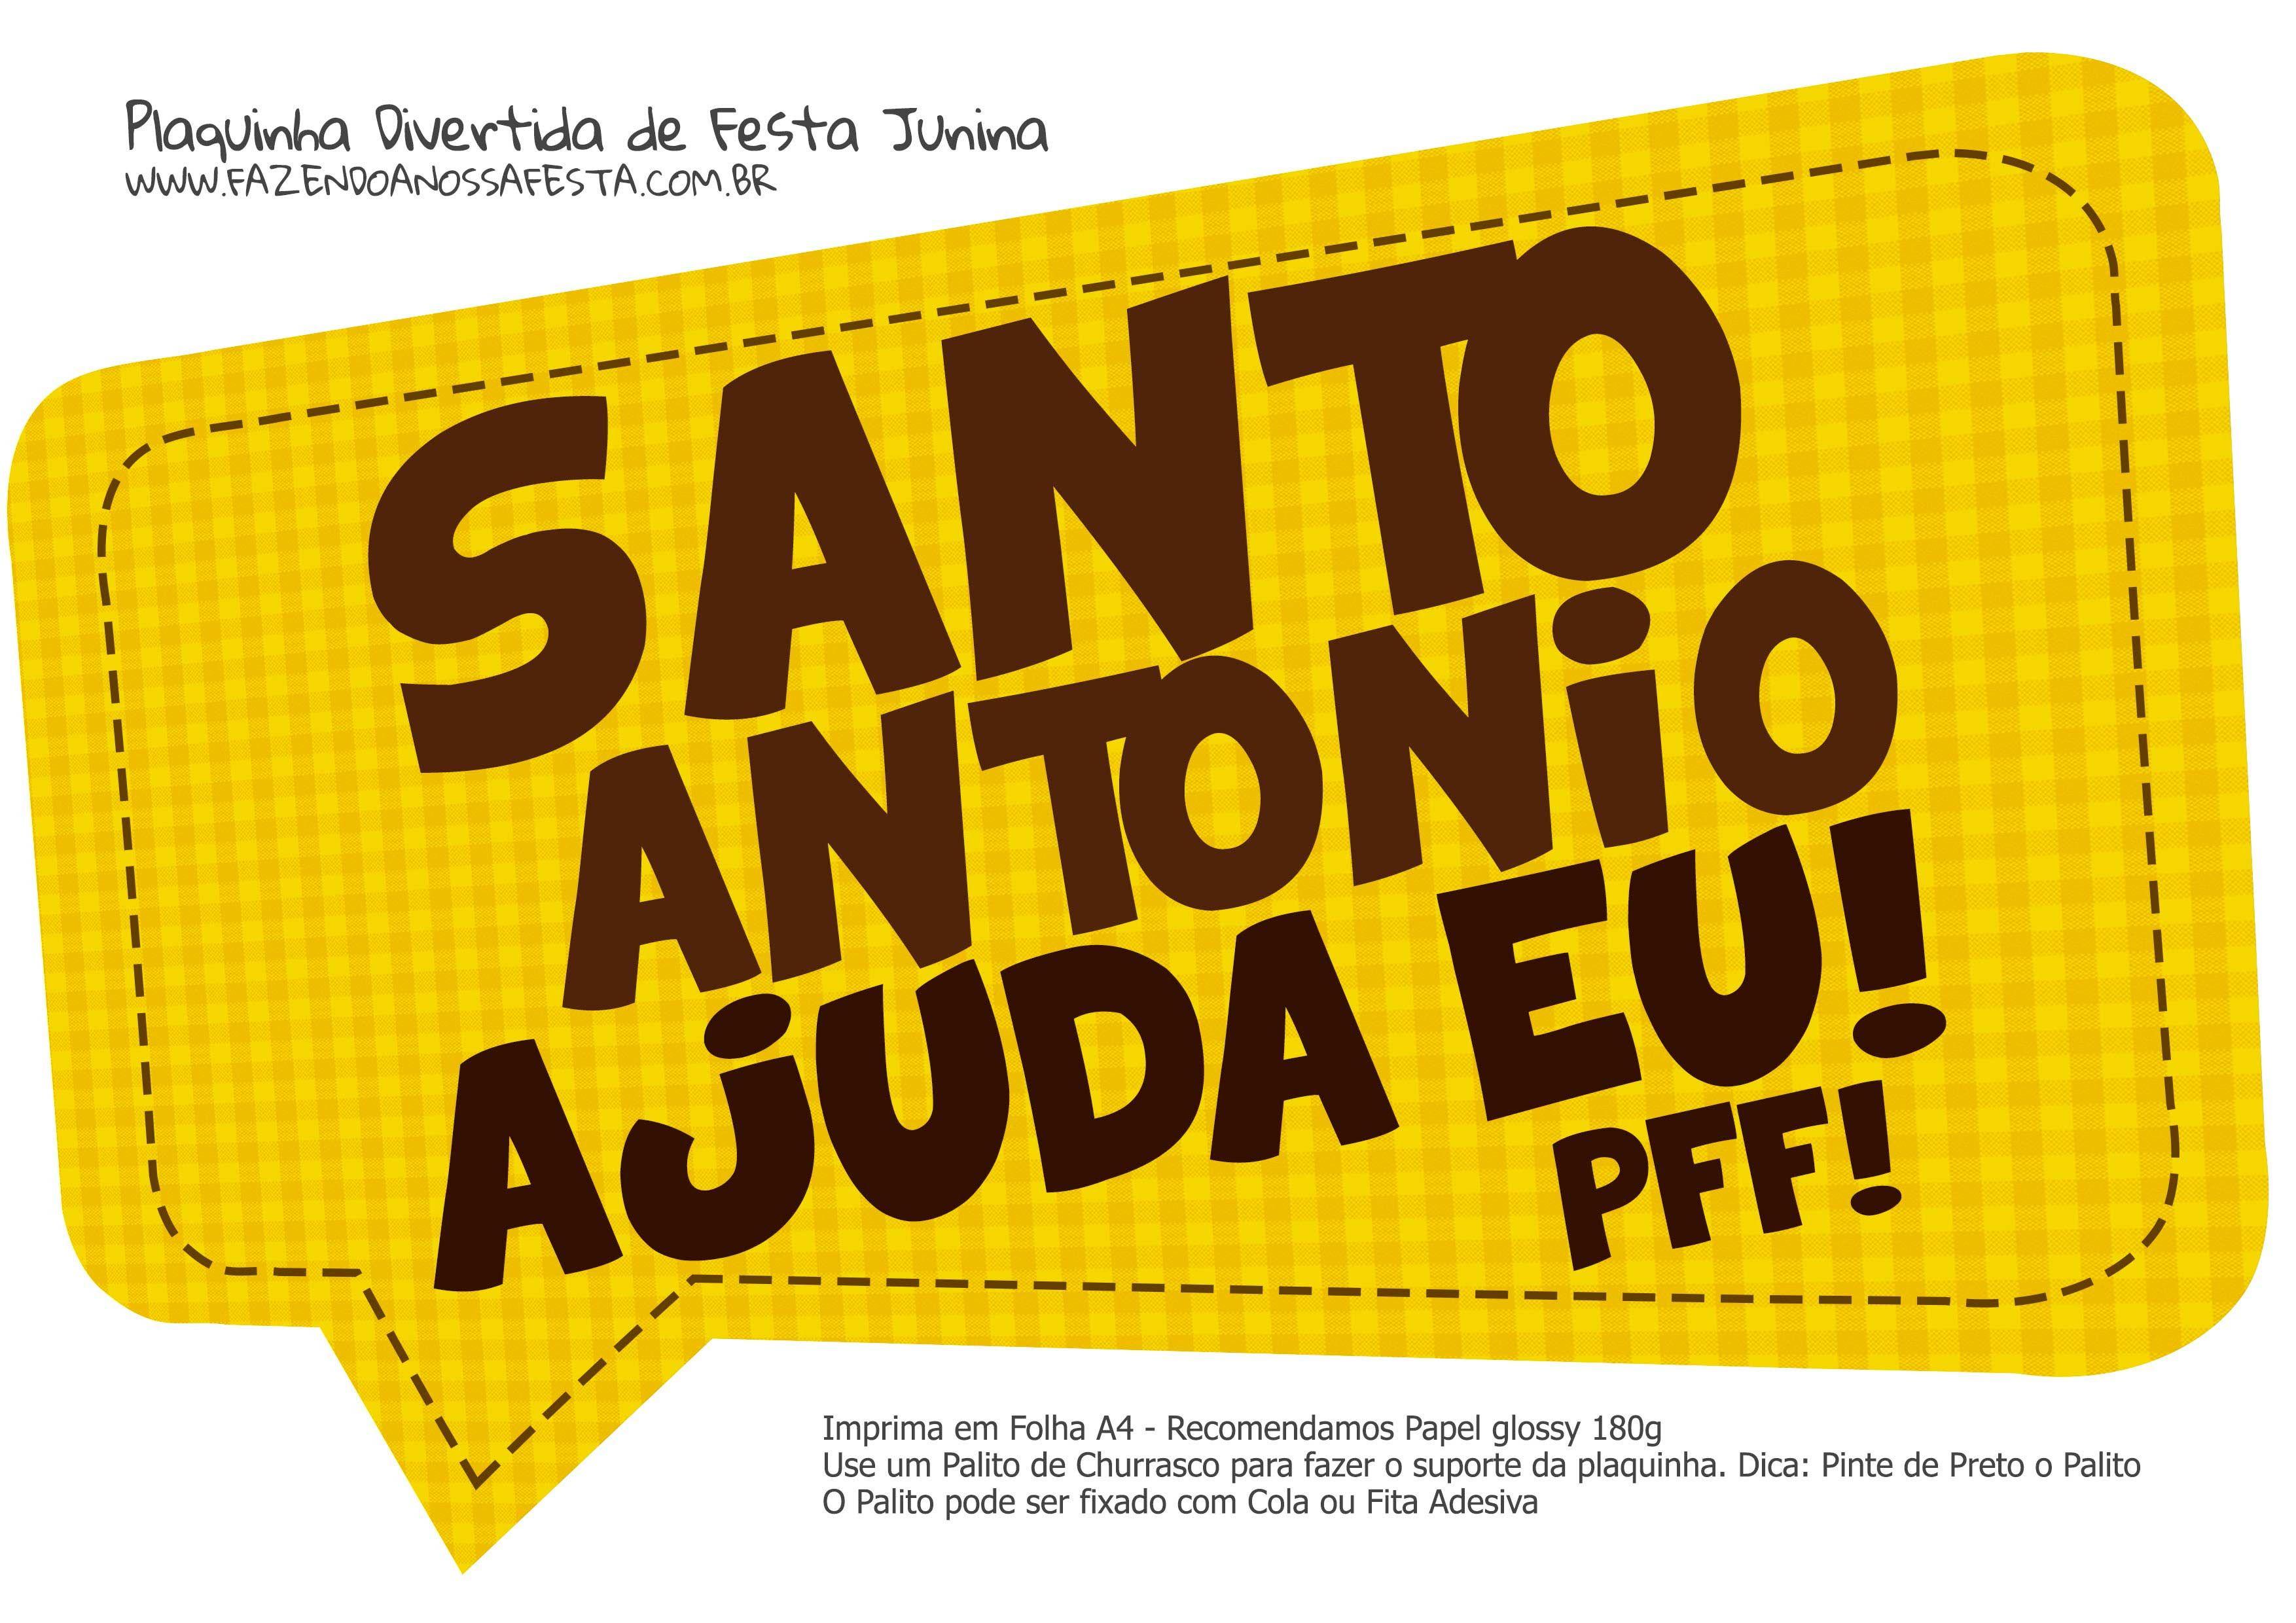 Plaquinha Divertida Festa Junina Santo Antonio Plaquinhas